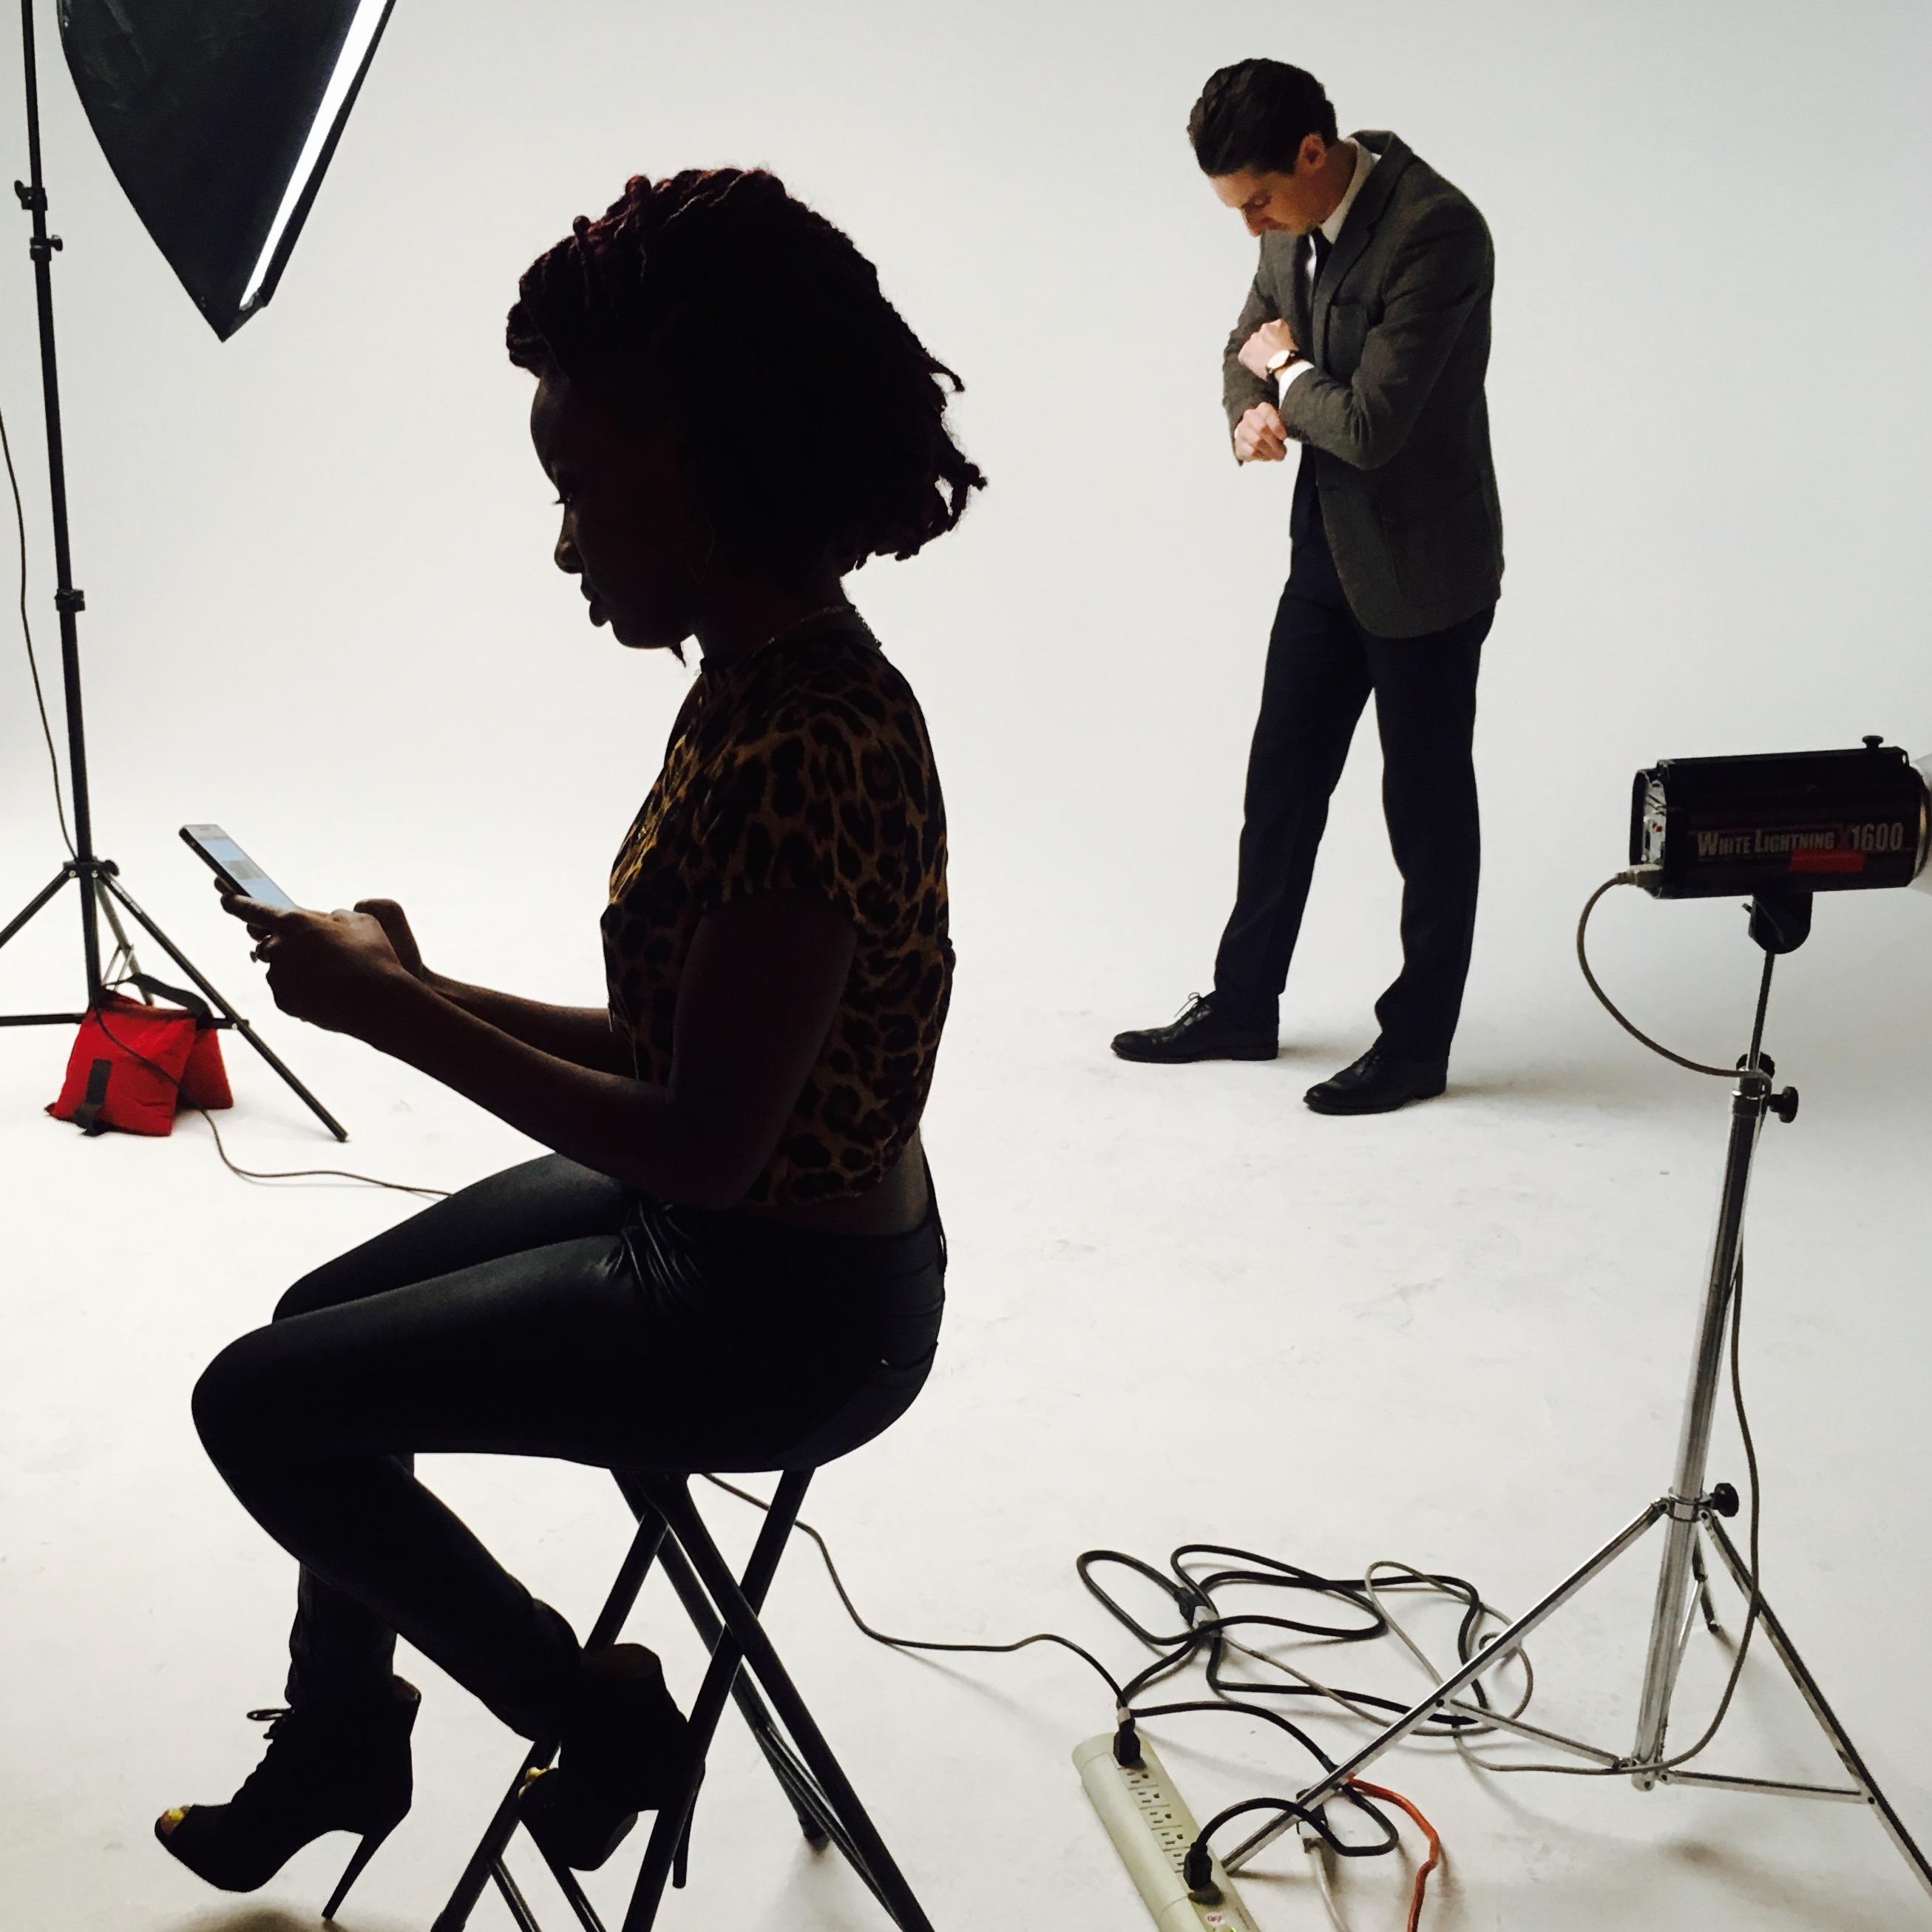 Silhouette in studio